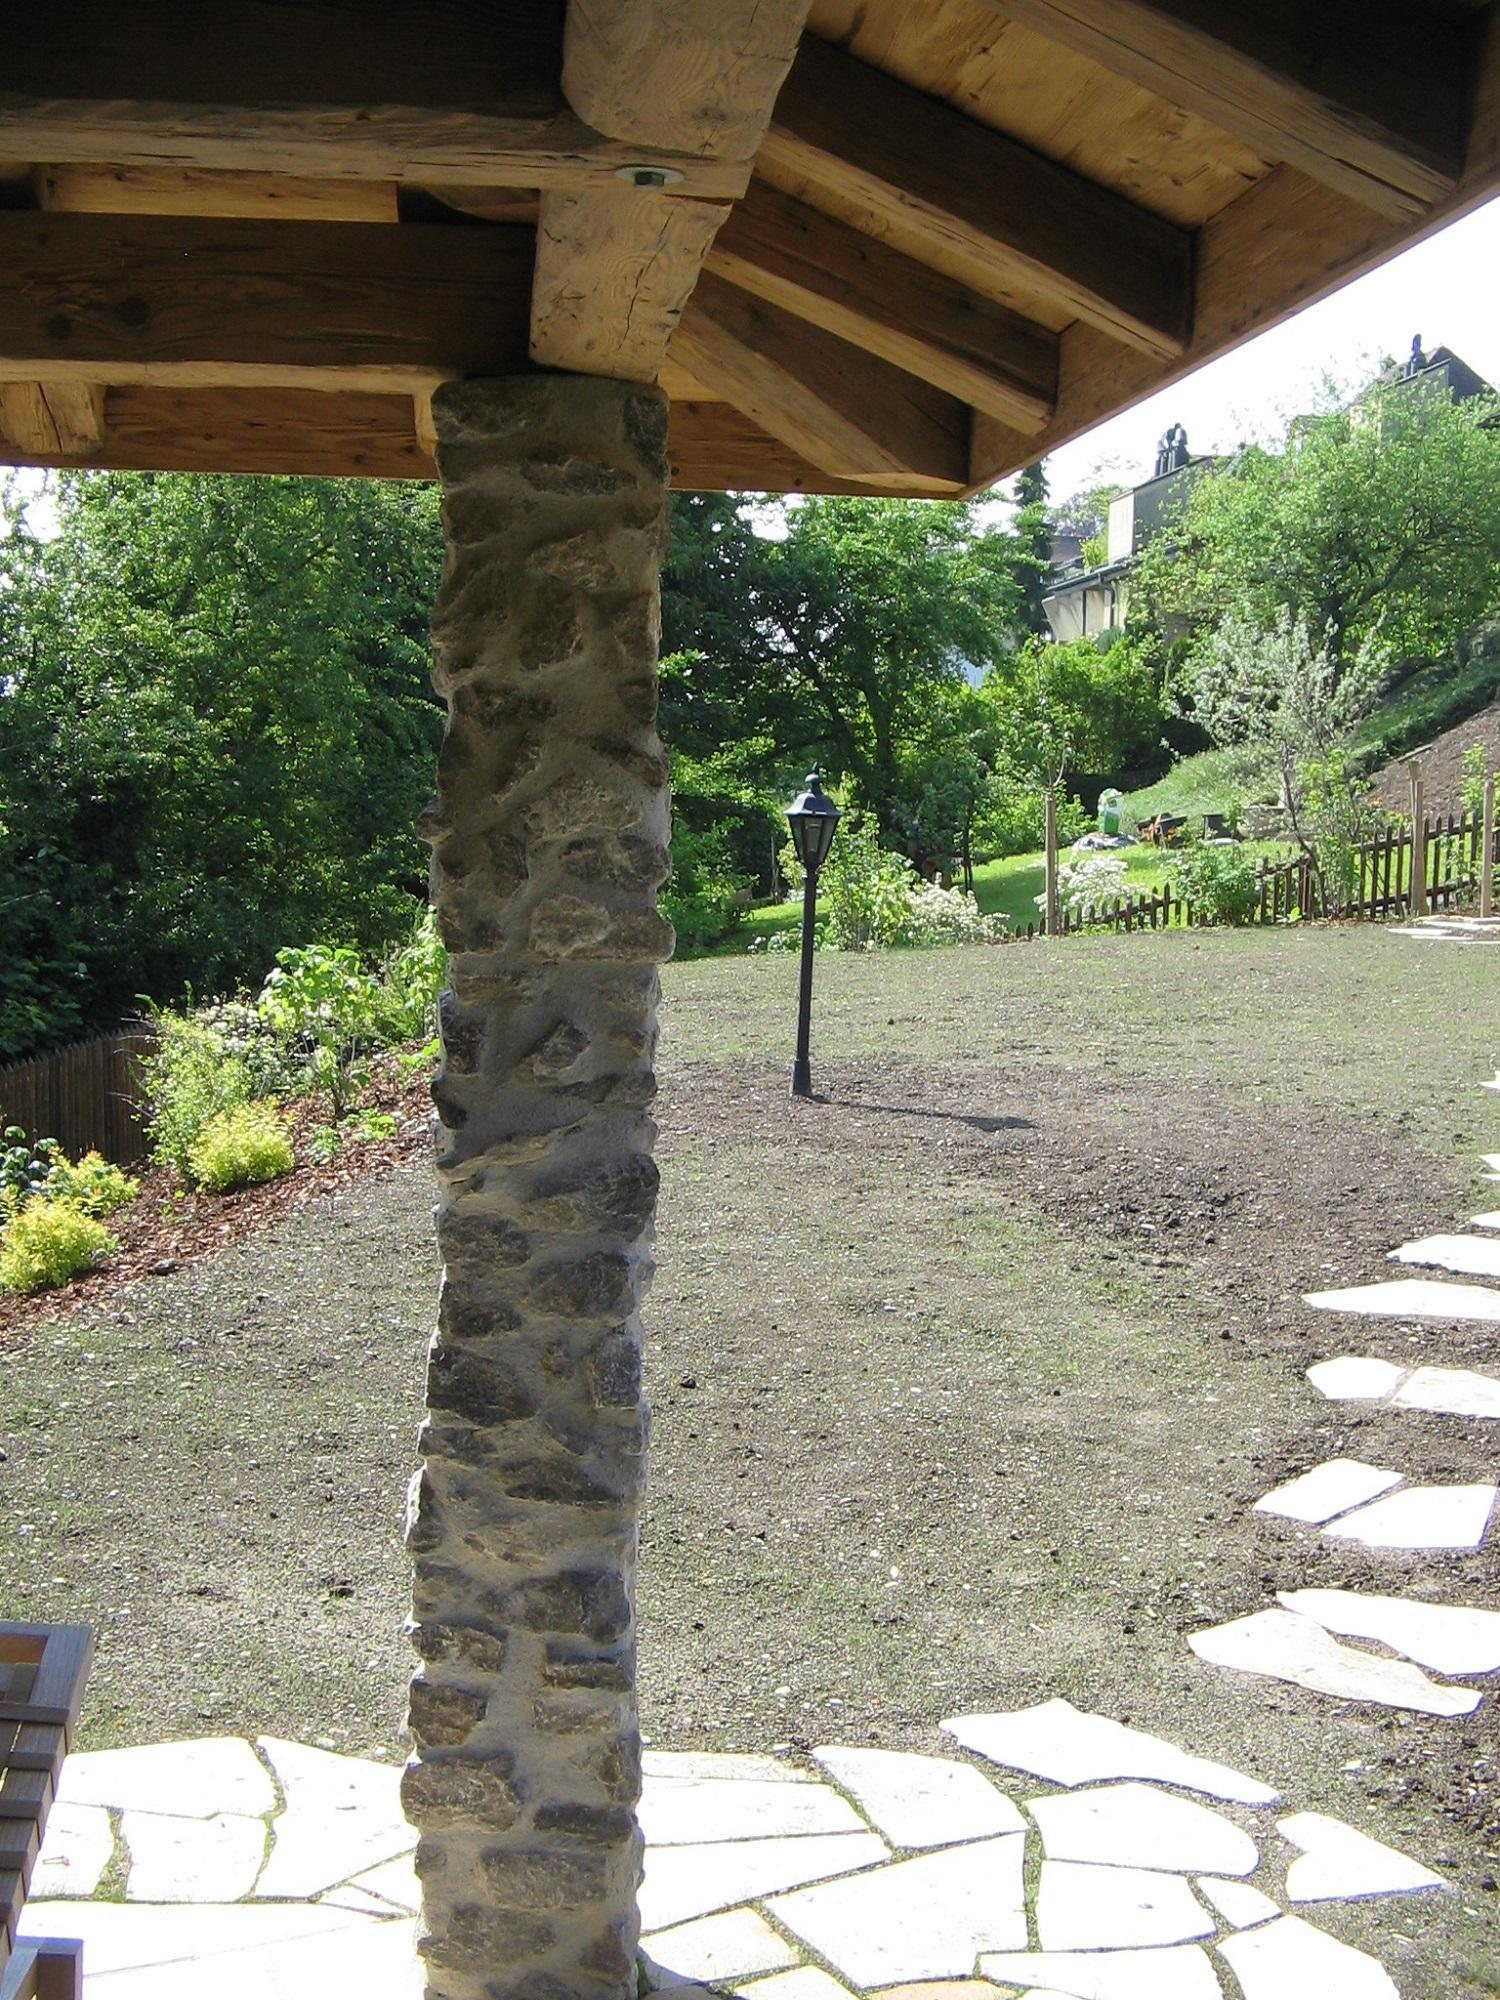 Natursteinarbeiten kuster steinbr che ag news - Gartenhaus mit feuerstelle ...